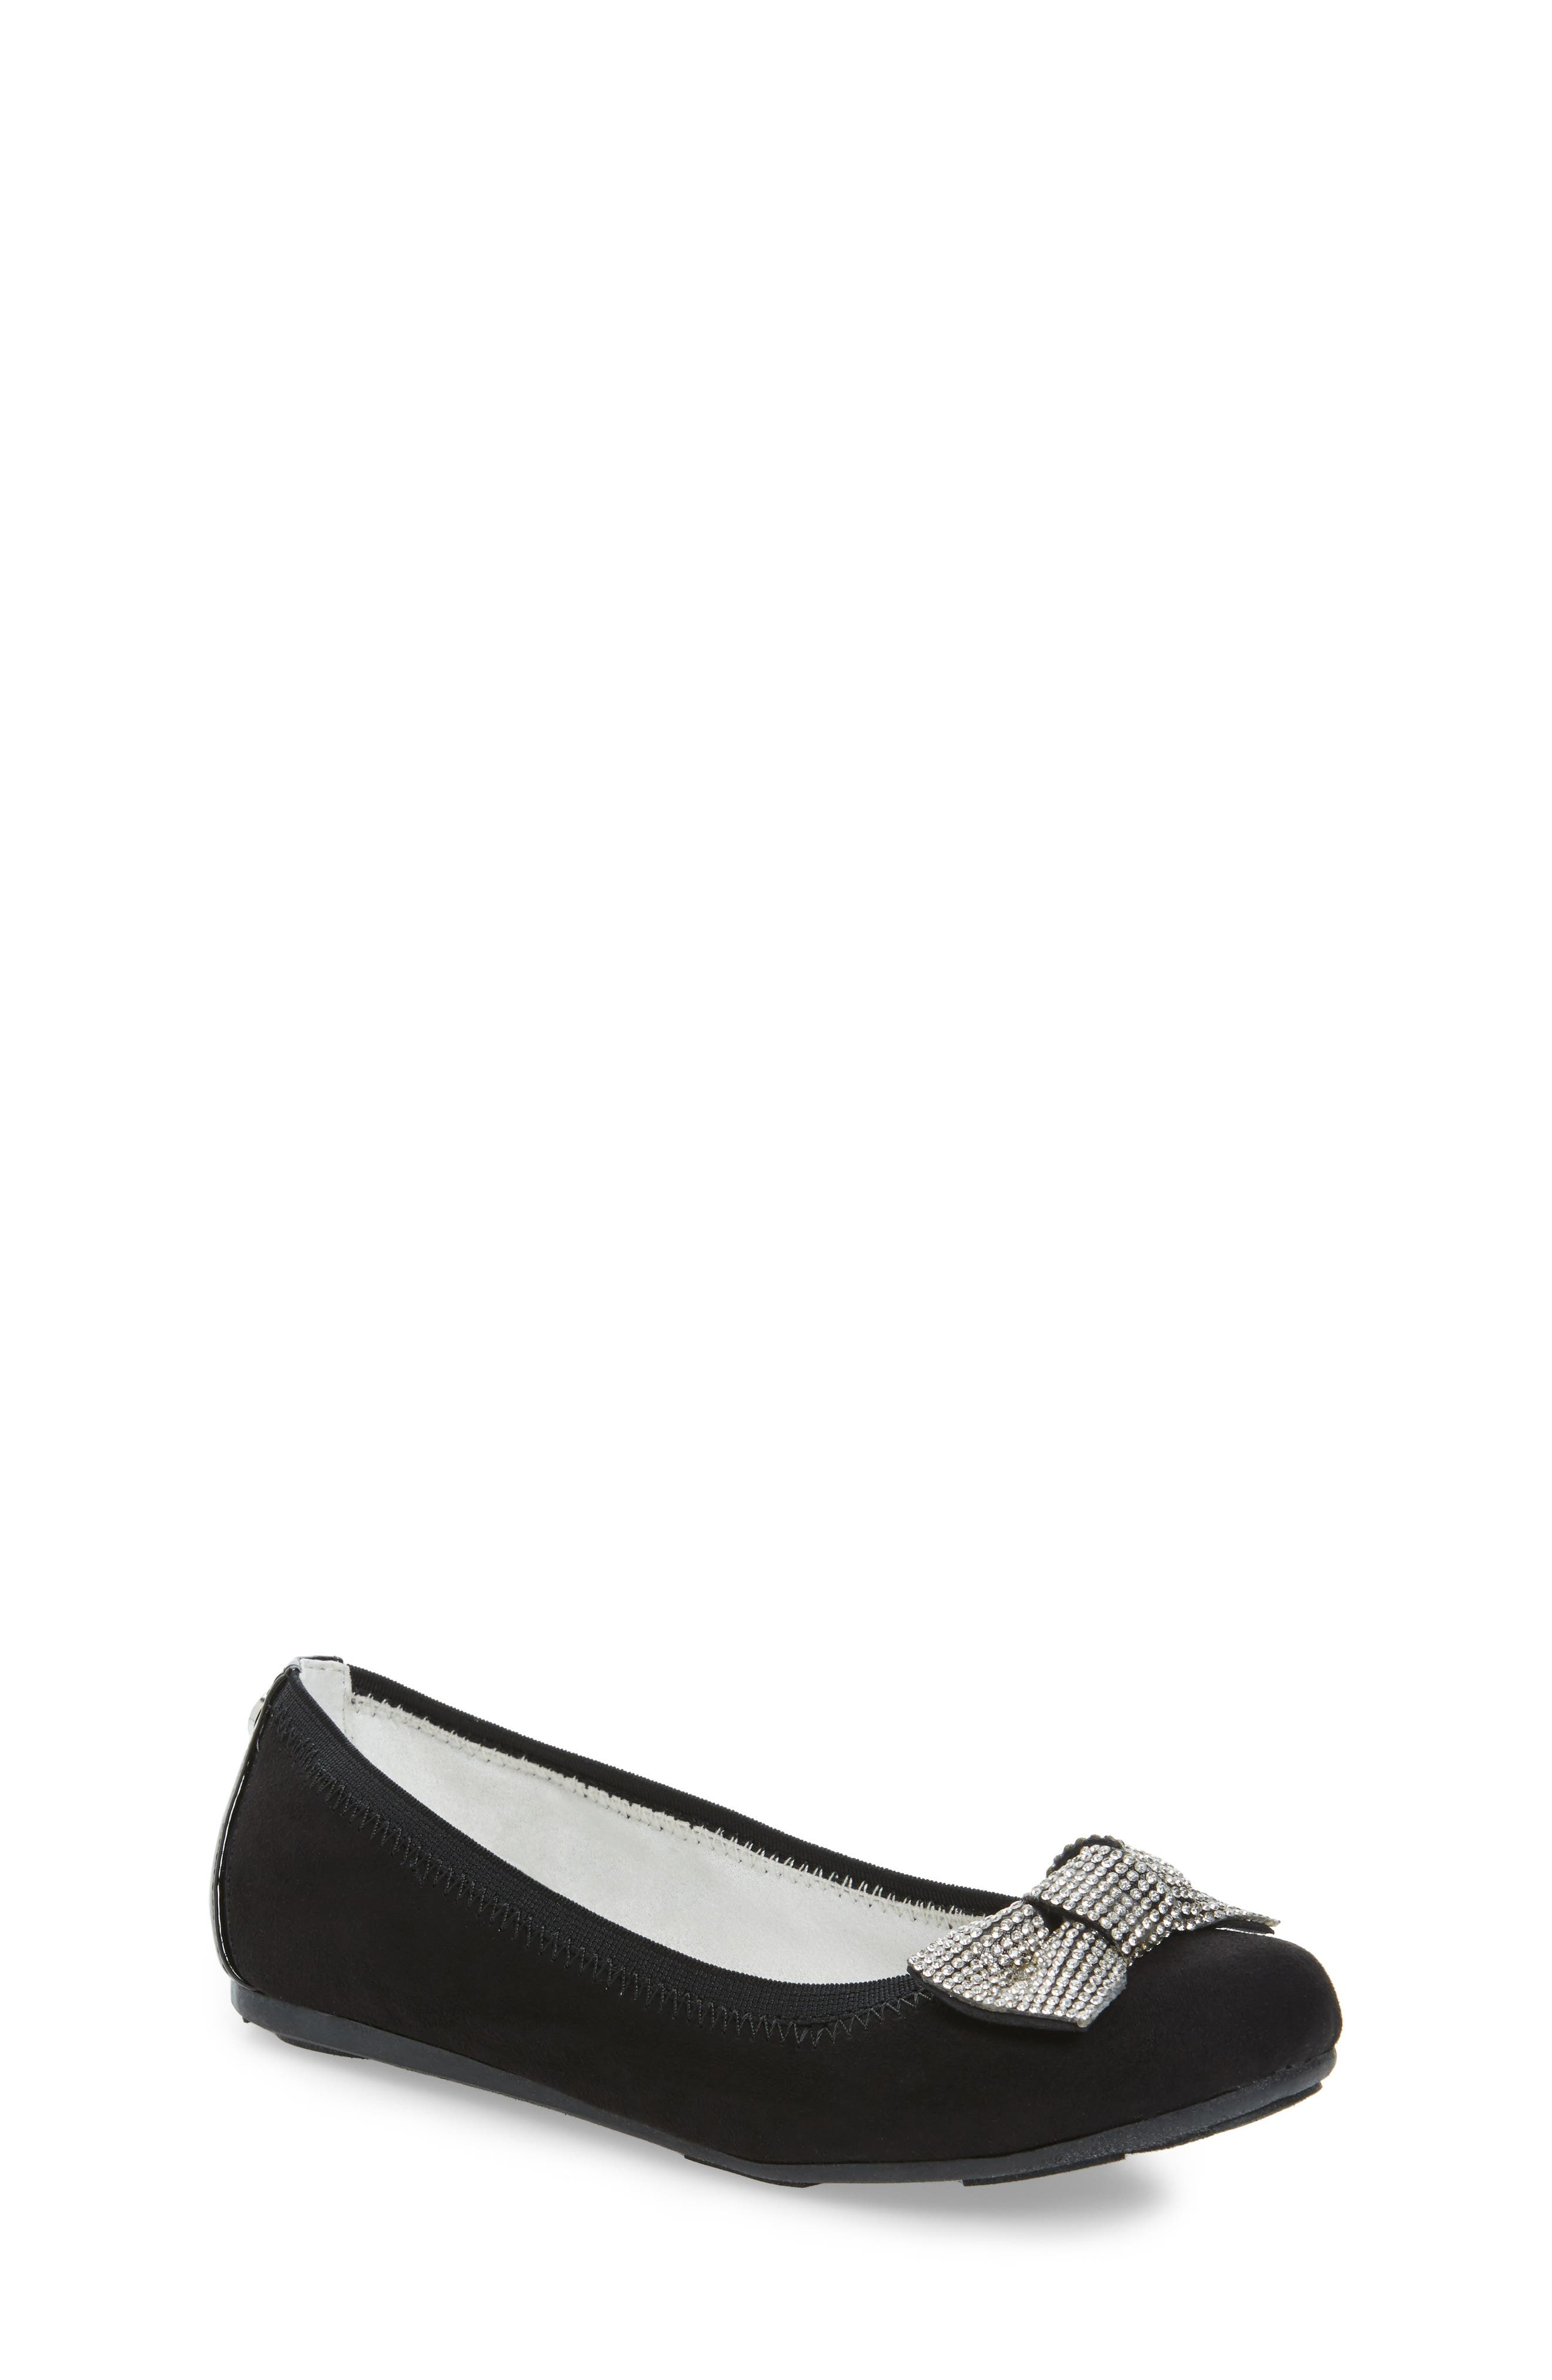 Fannie Glitz Ballet Flat,                             Main thumbnail 1, color,                             Black Faux Leather